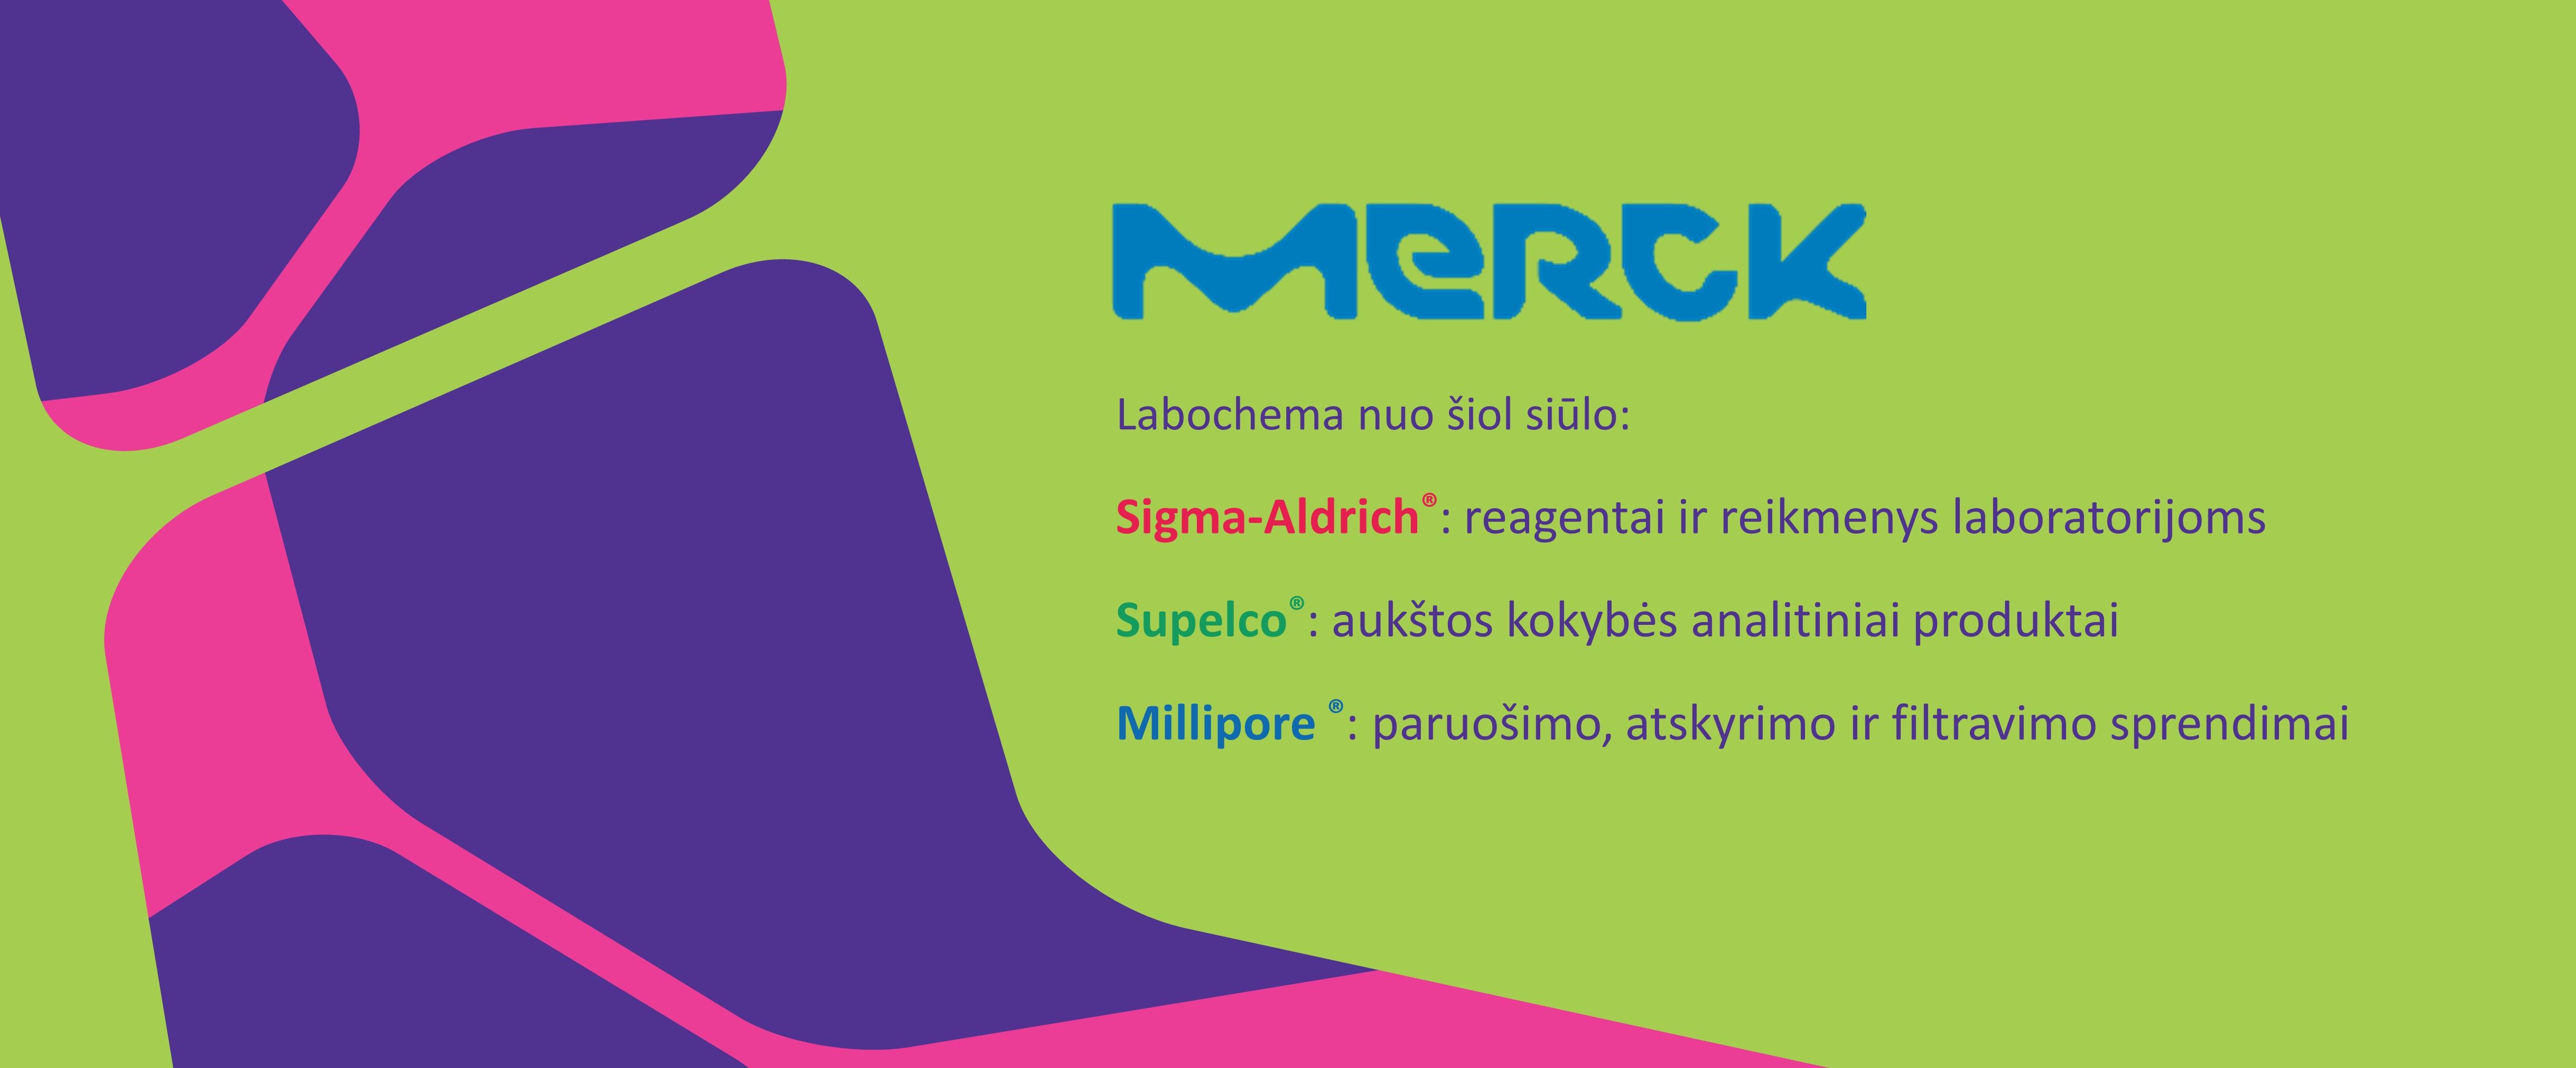 merck-skaidre1